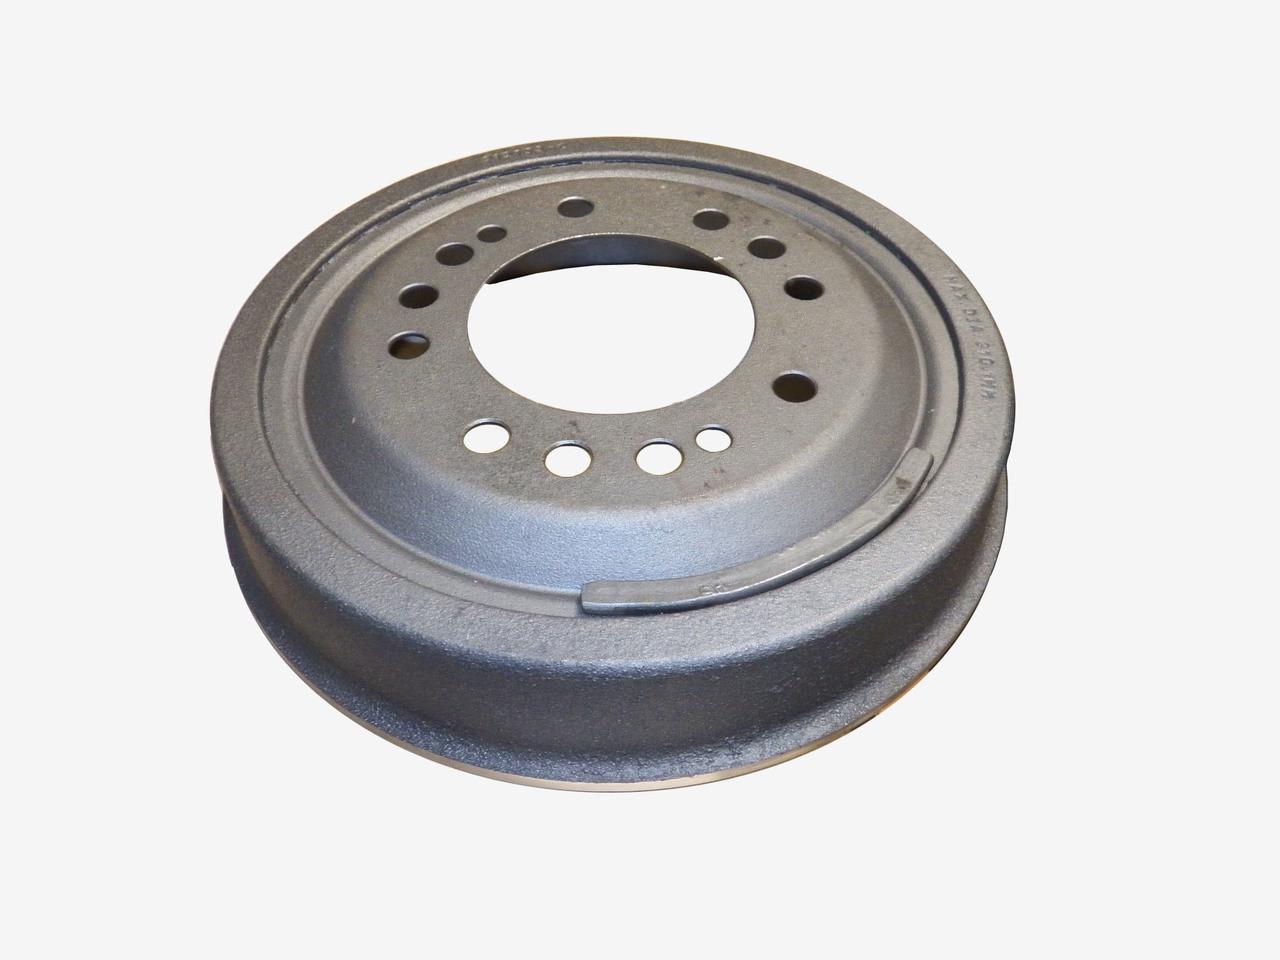 Qu50760 12 1 8 4x4 Front Brake Drum For Vintage Ford F250 Gm K20 1969 F 250 Highboy